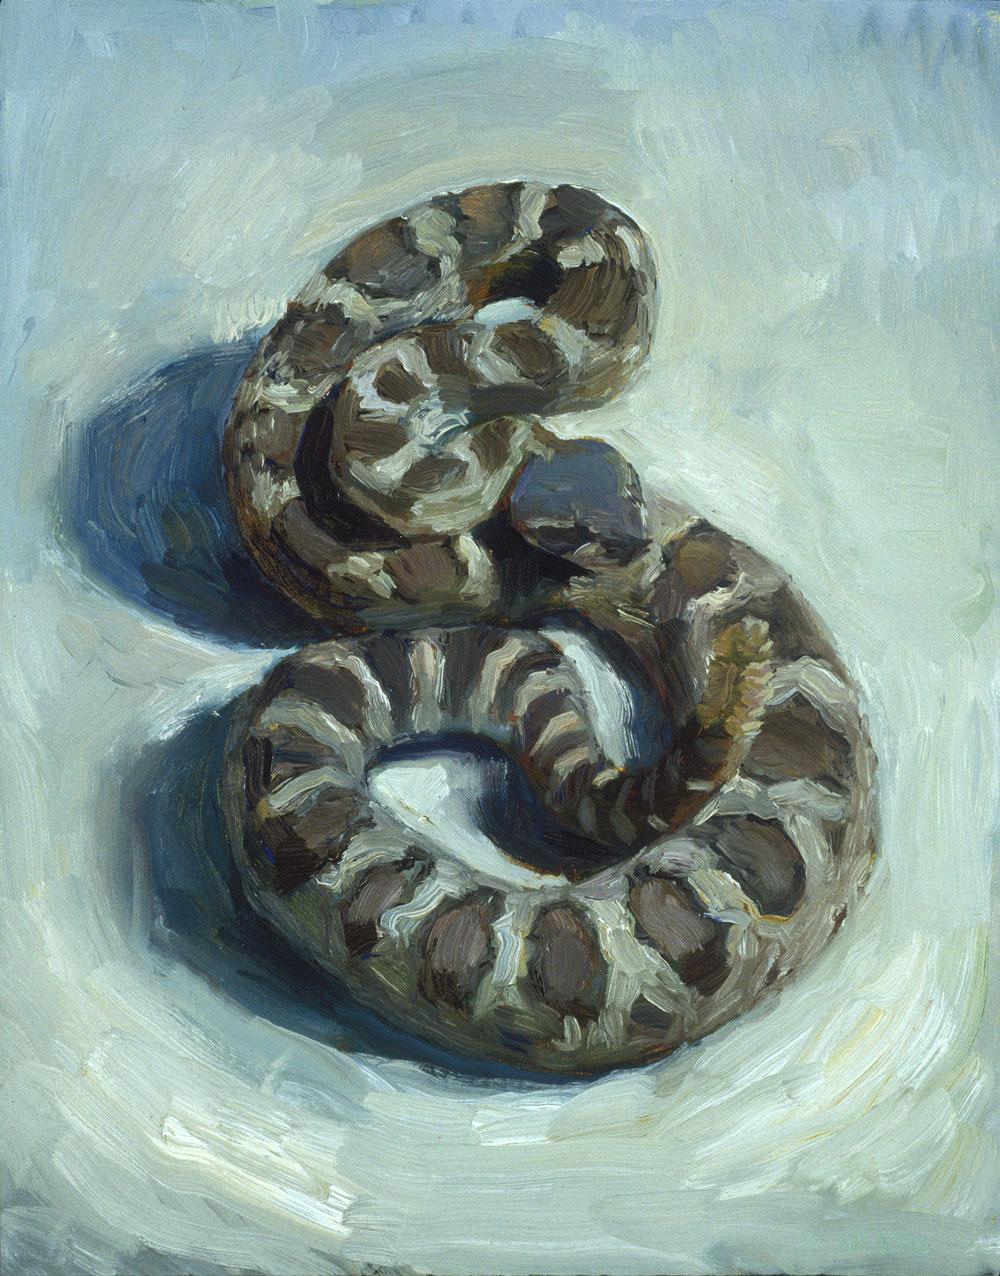 Rattlesnake, 20 x 16, 2002